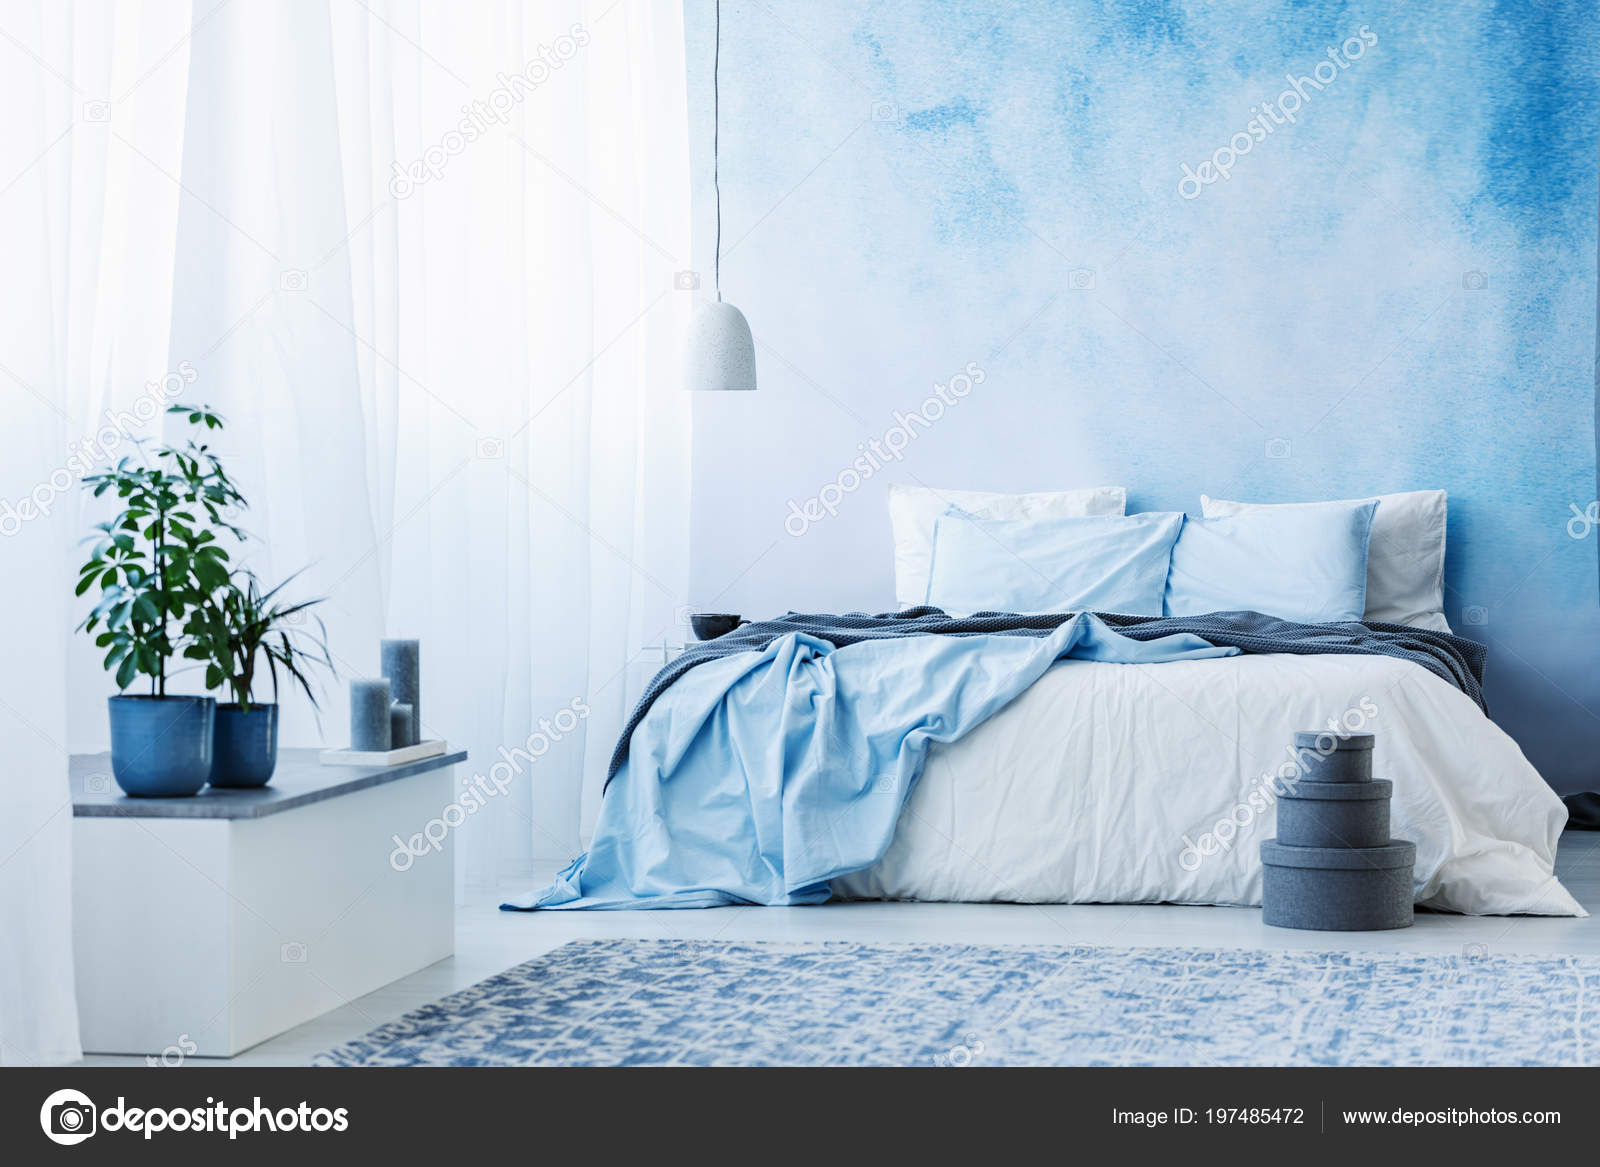 Pianta Camera Da Letto Matrimoniale : Blu cielo interno camera letto con letto matrimoniale piante